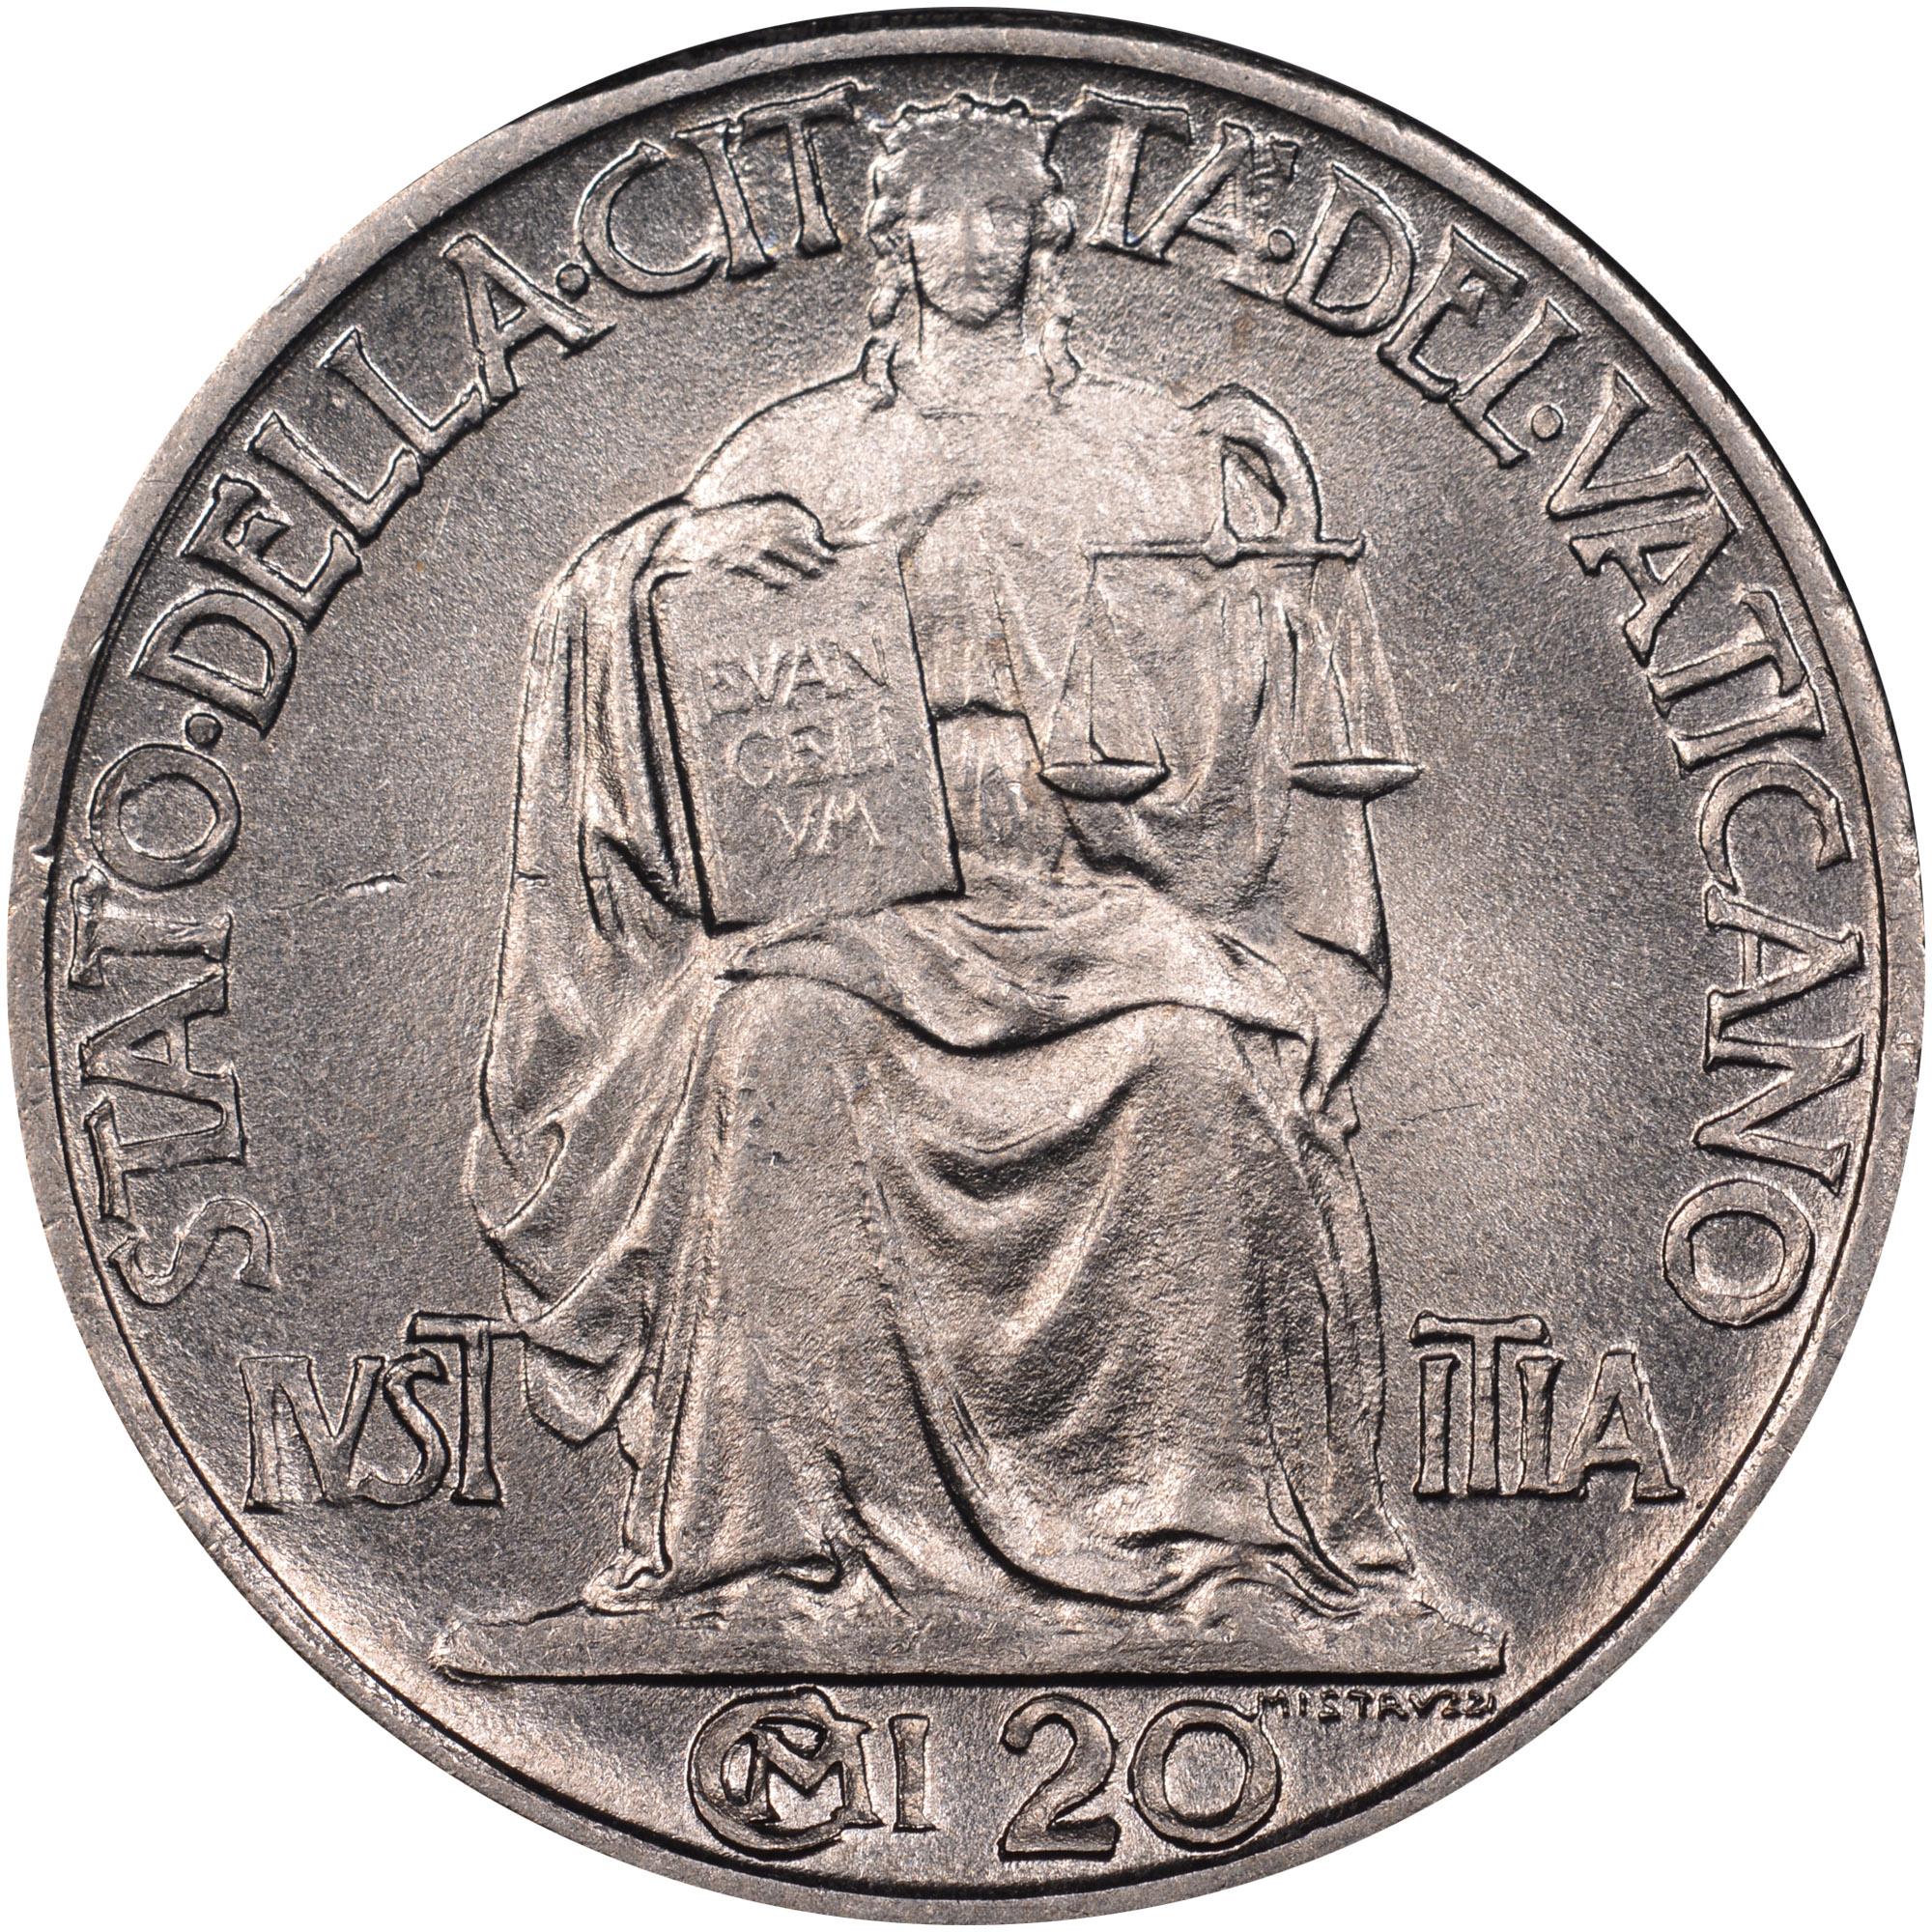 Vatican City 20 Centesimi reverse